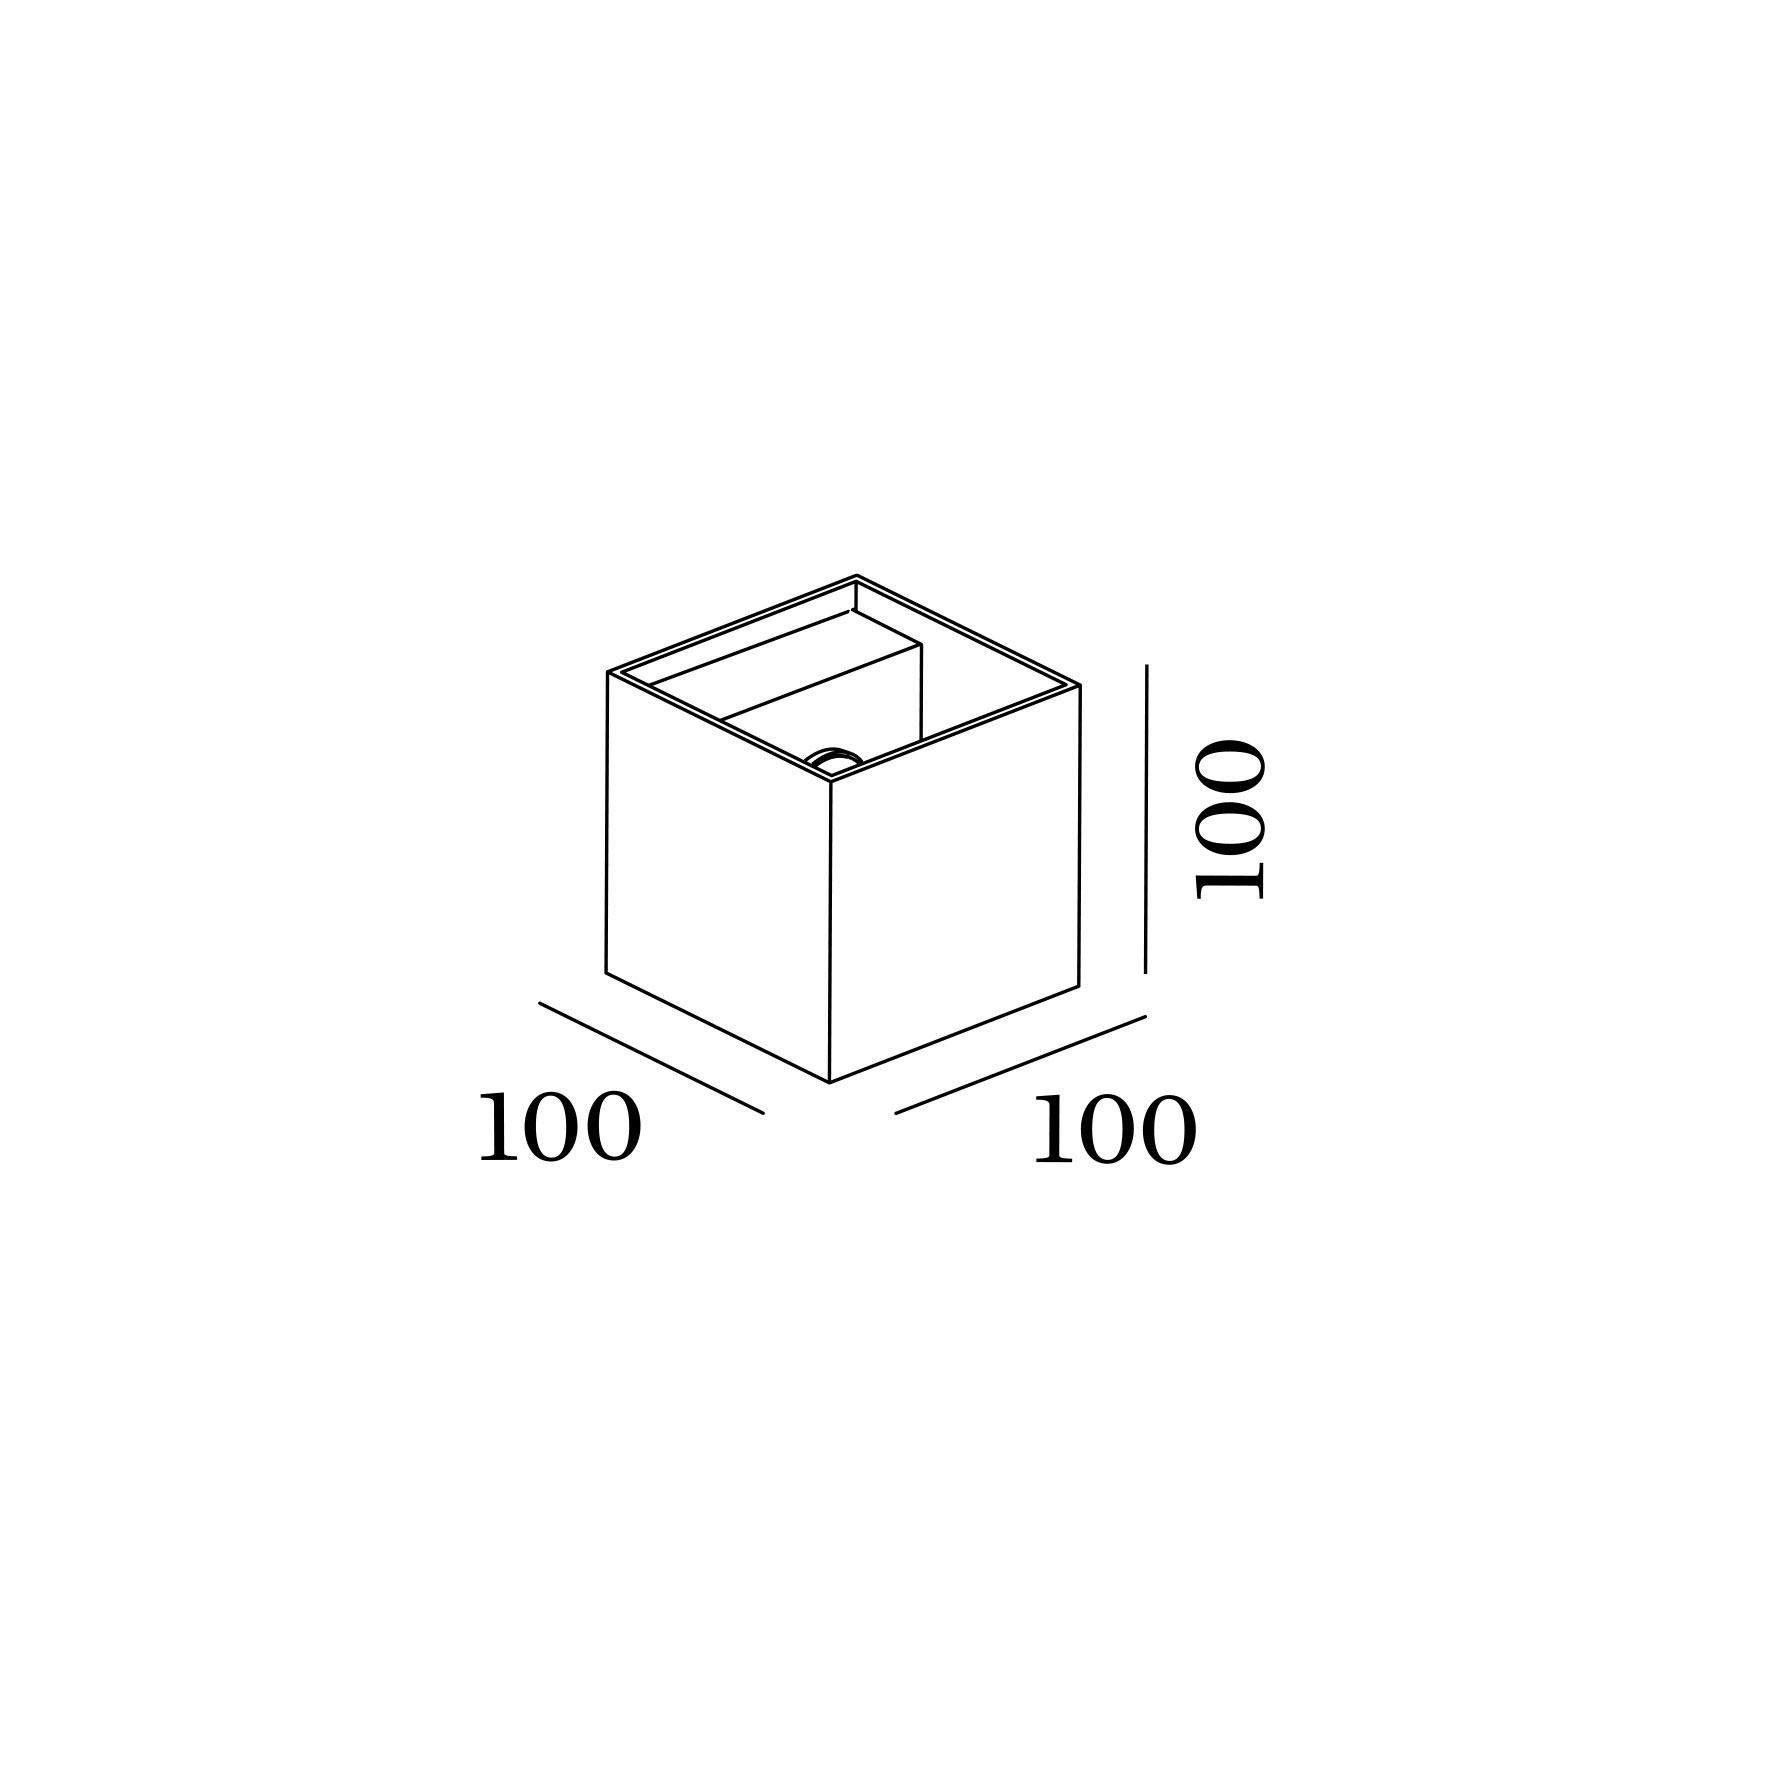 Box exterior wall surface 1.0